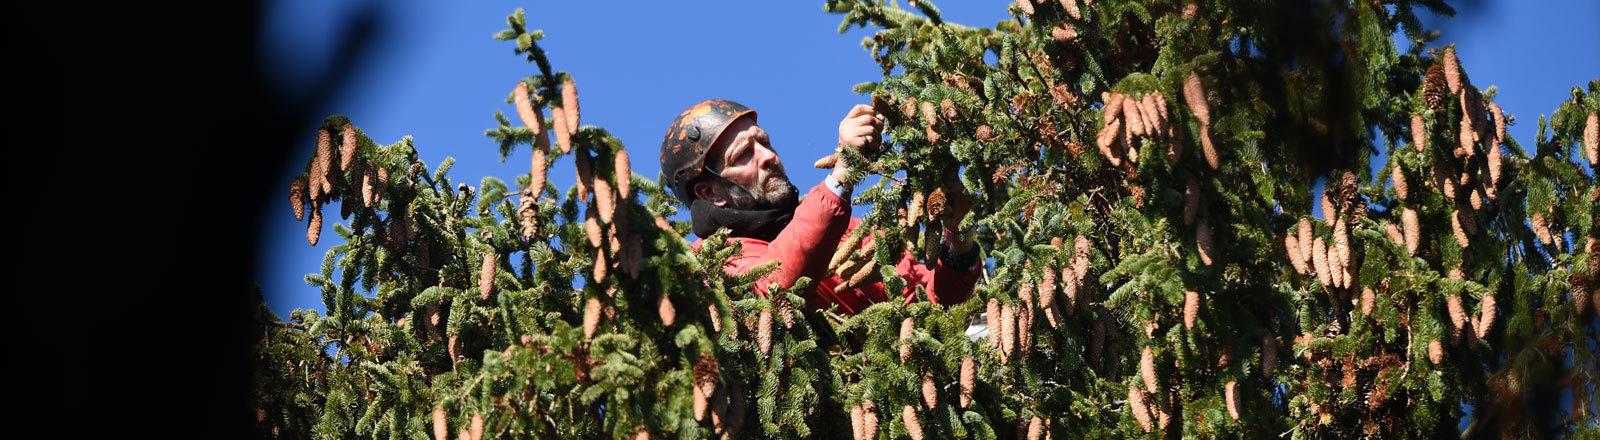 Zapfenpflücker Thomas Bellgardt erntet am 02.11.2015 in einem Wald bei Steinhausen (Baden-Württemberg) in der Krone einer rund 150 Jahre alten Fichte deren Zapfen.